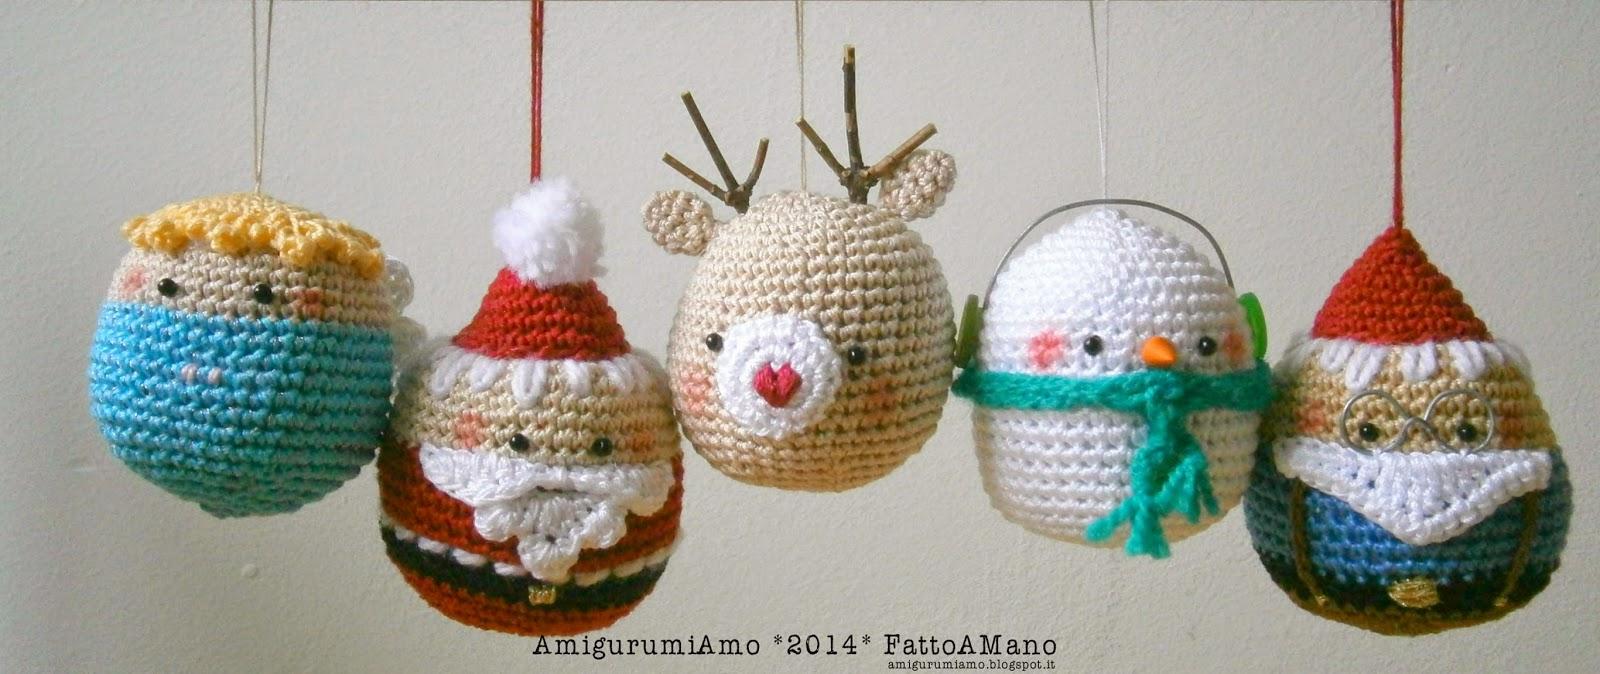 Amigurumi Tutorial Natale : Natale, Amigurumi, Milano - AmigurumiAmo